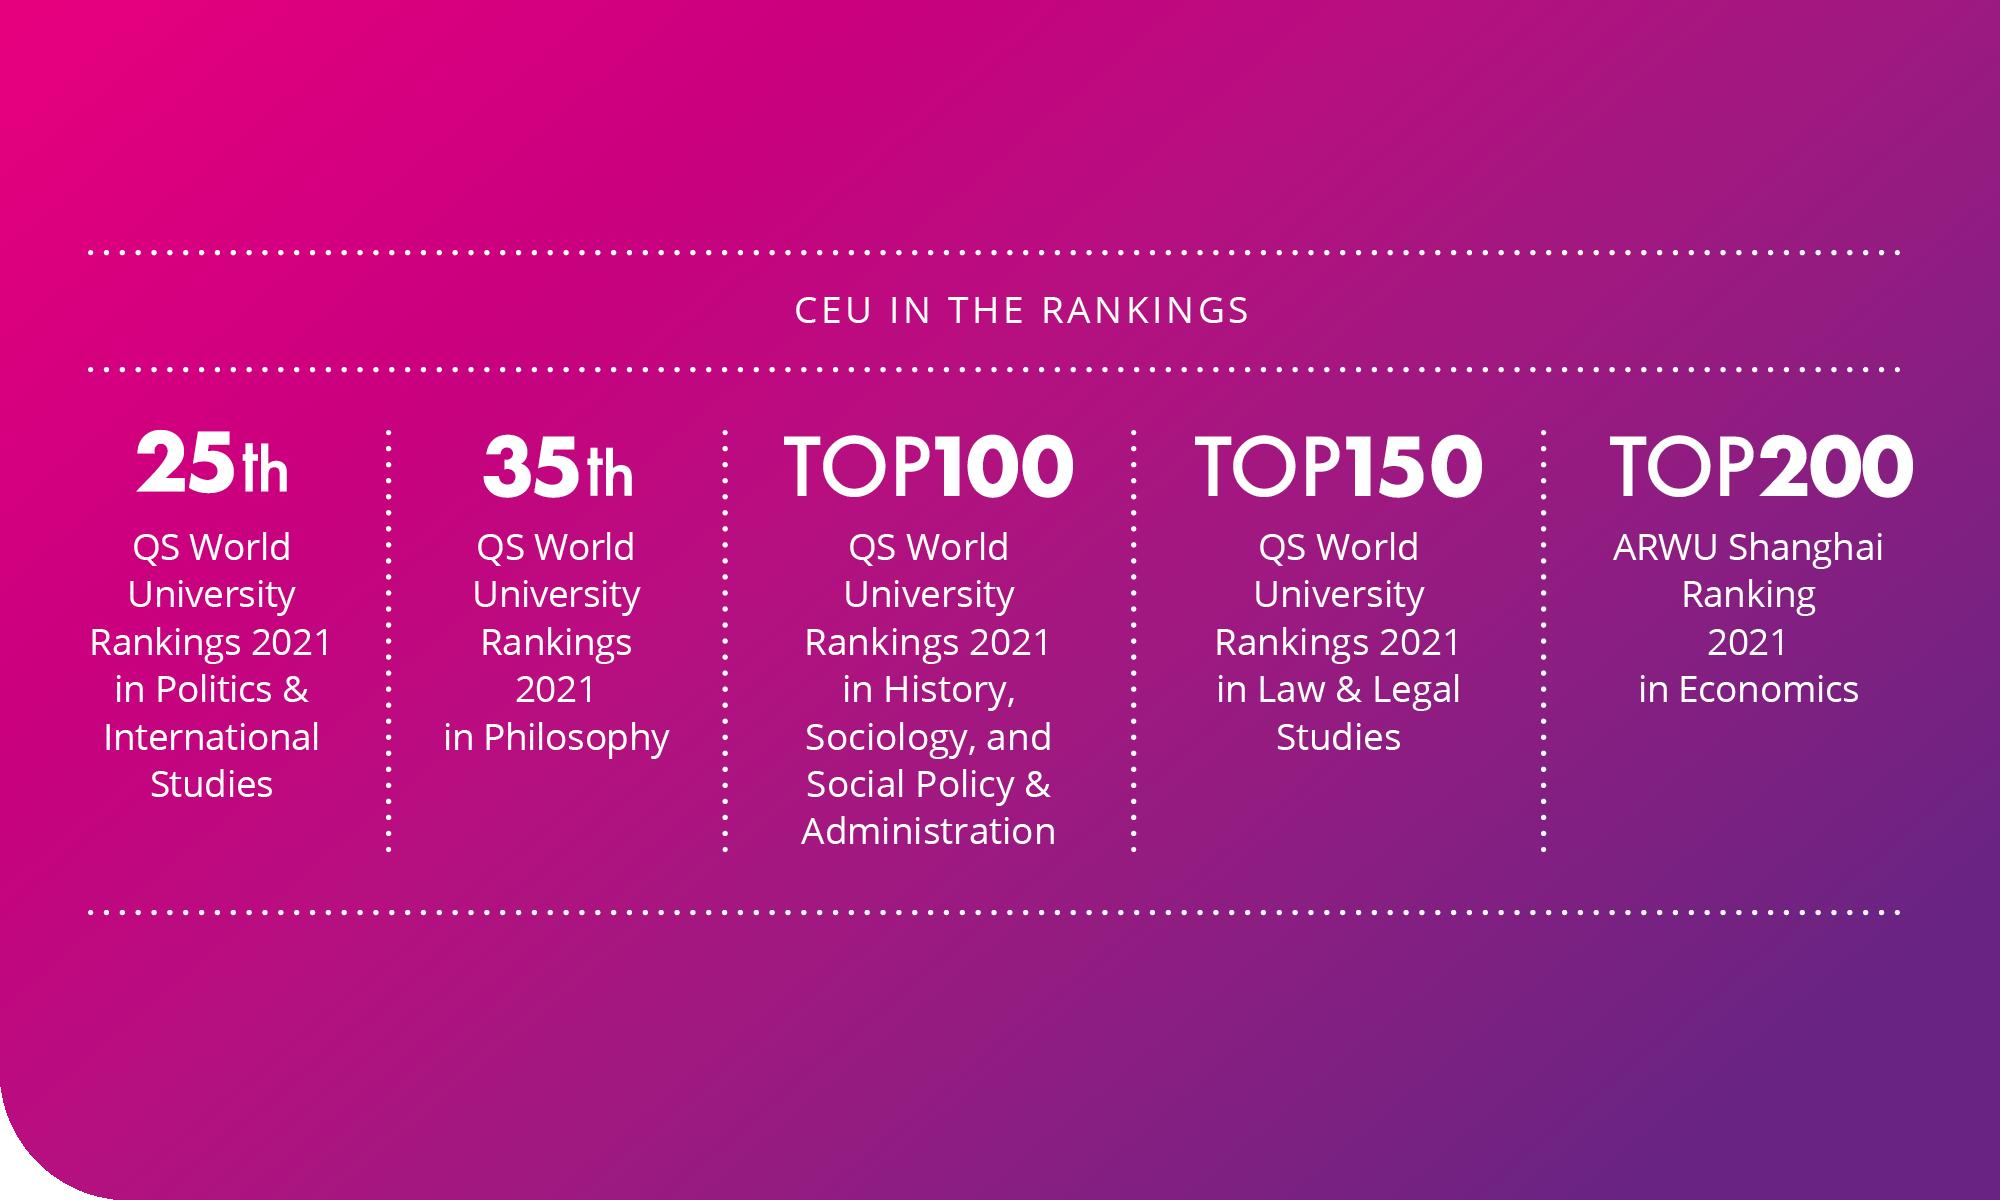 CEU rankings